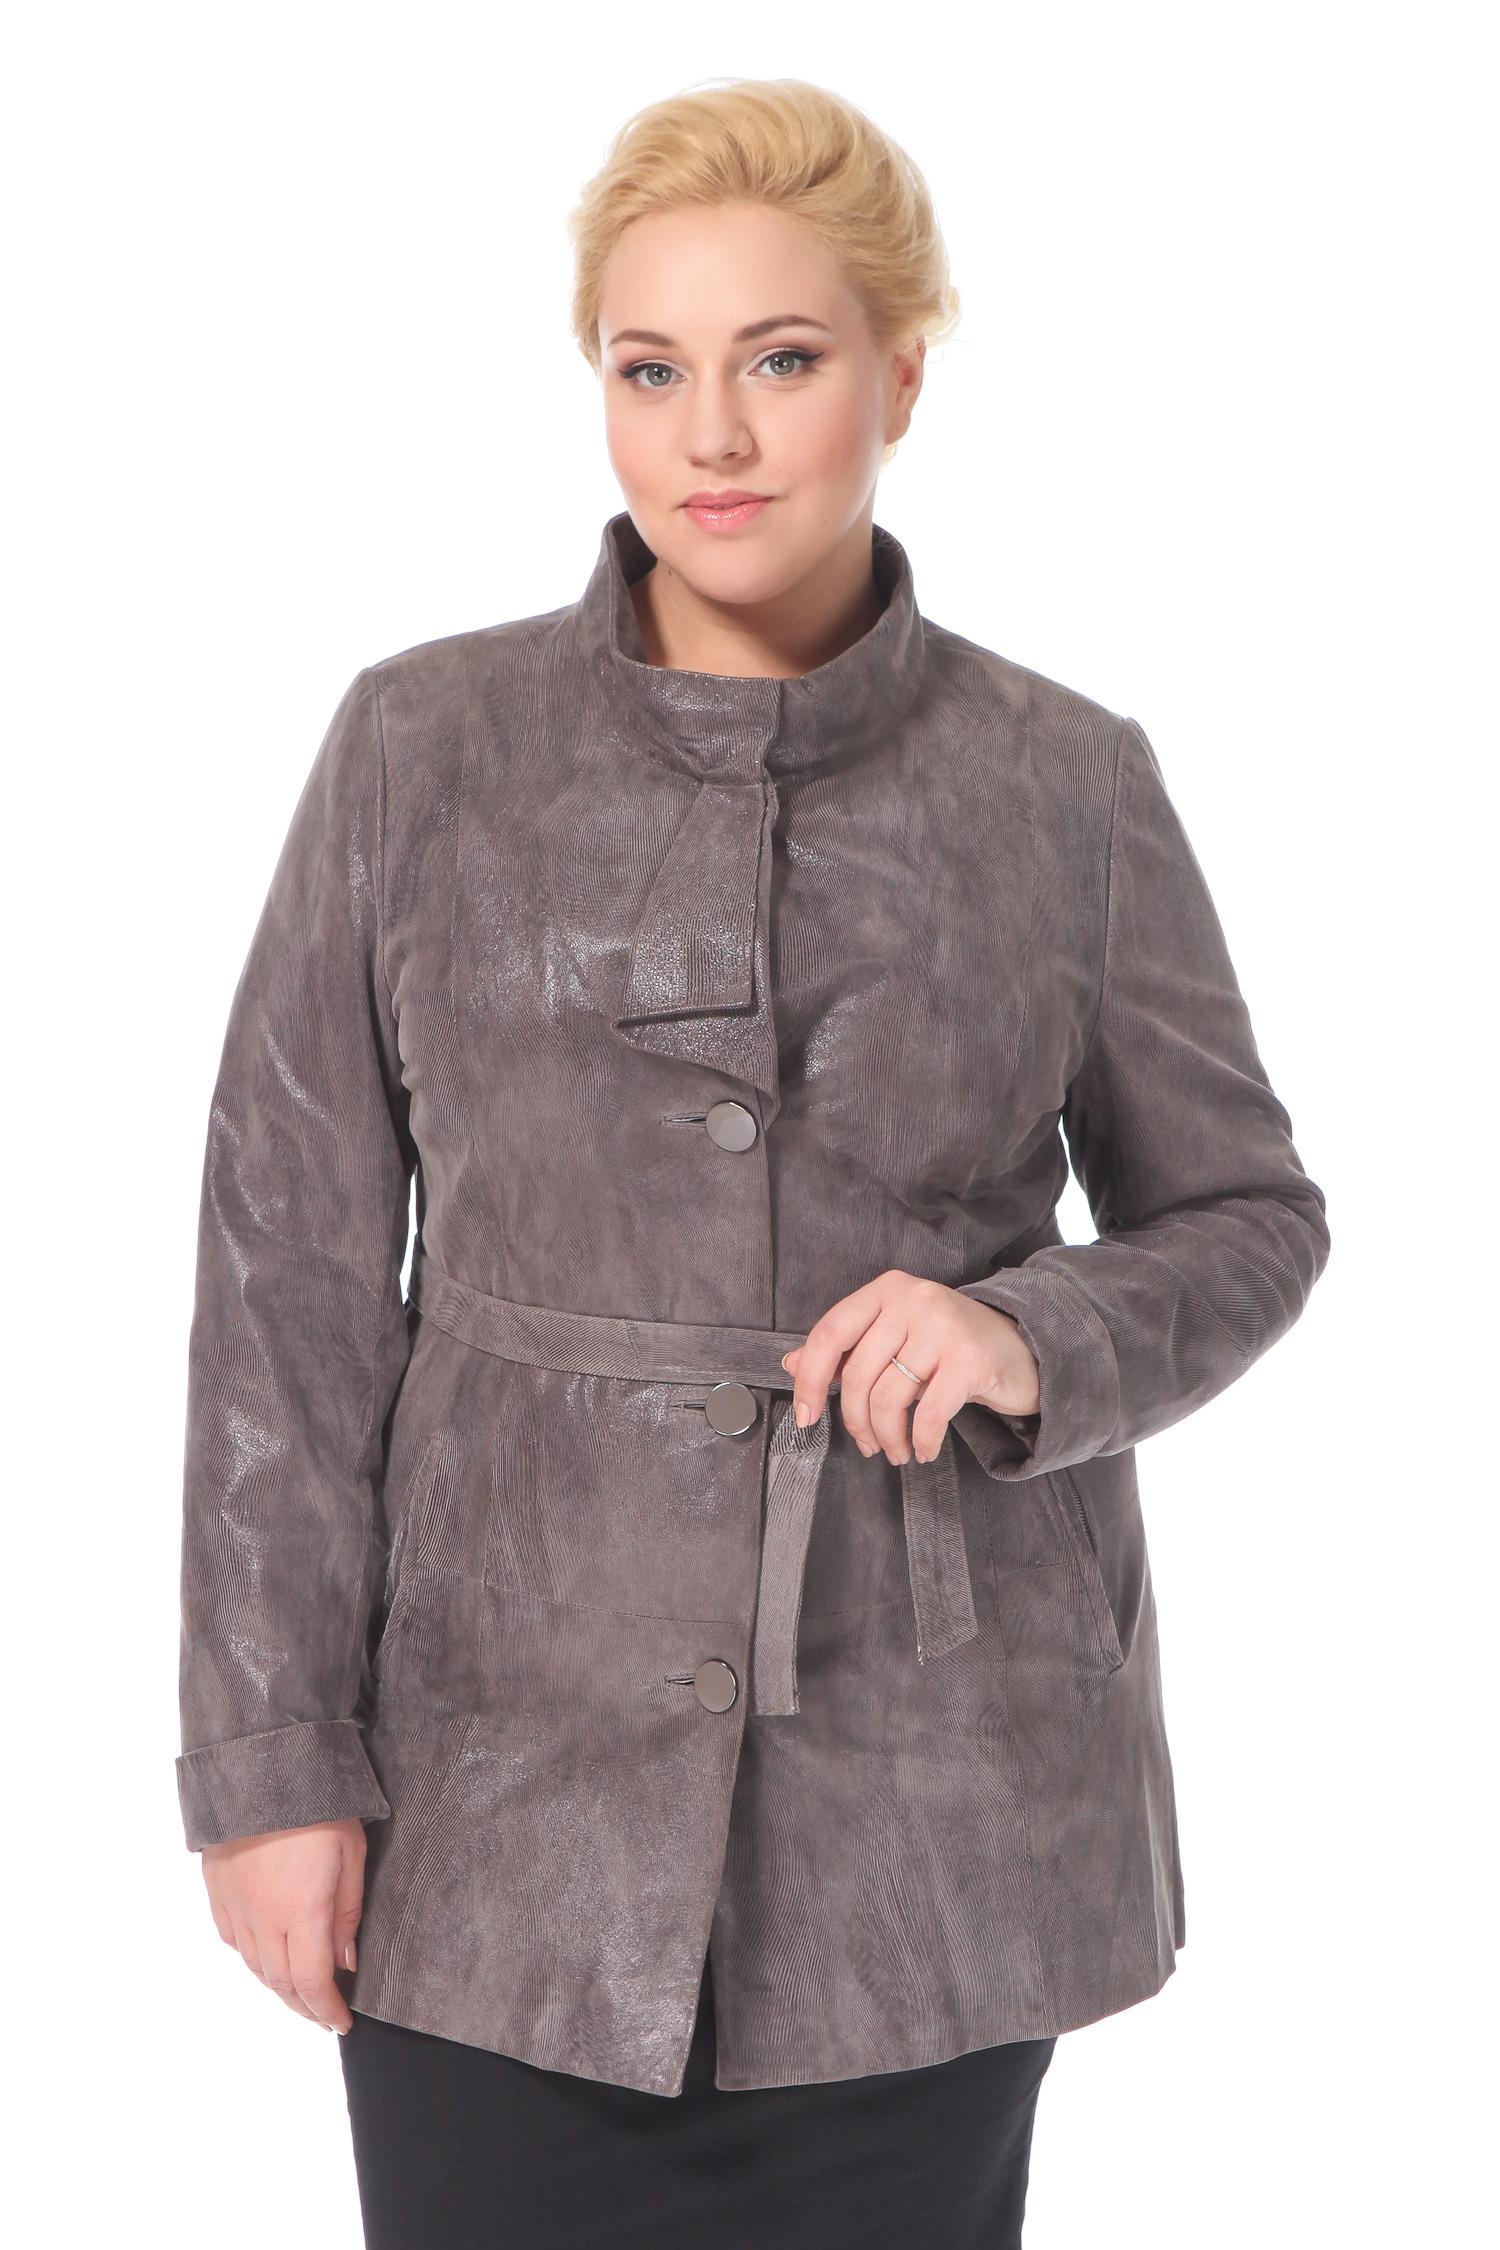 Фото 4 - Женская кожаная куртка из натуральной замши (с накатом) с воротником от МОСМЕХА бежевого цвета